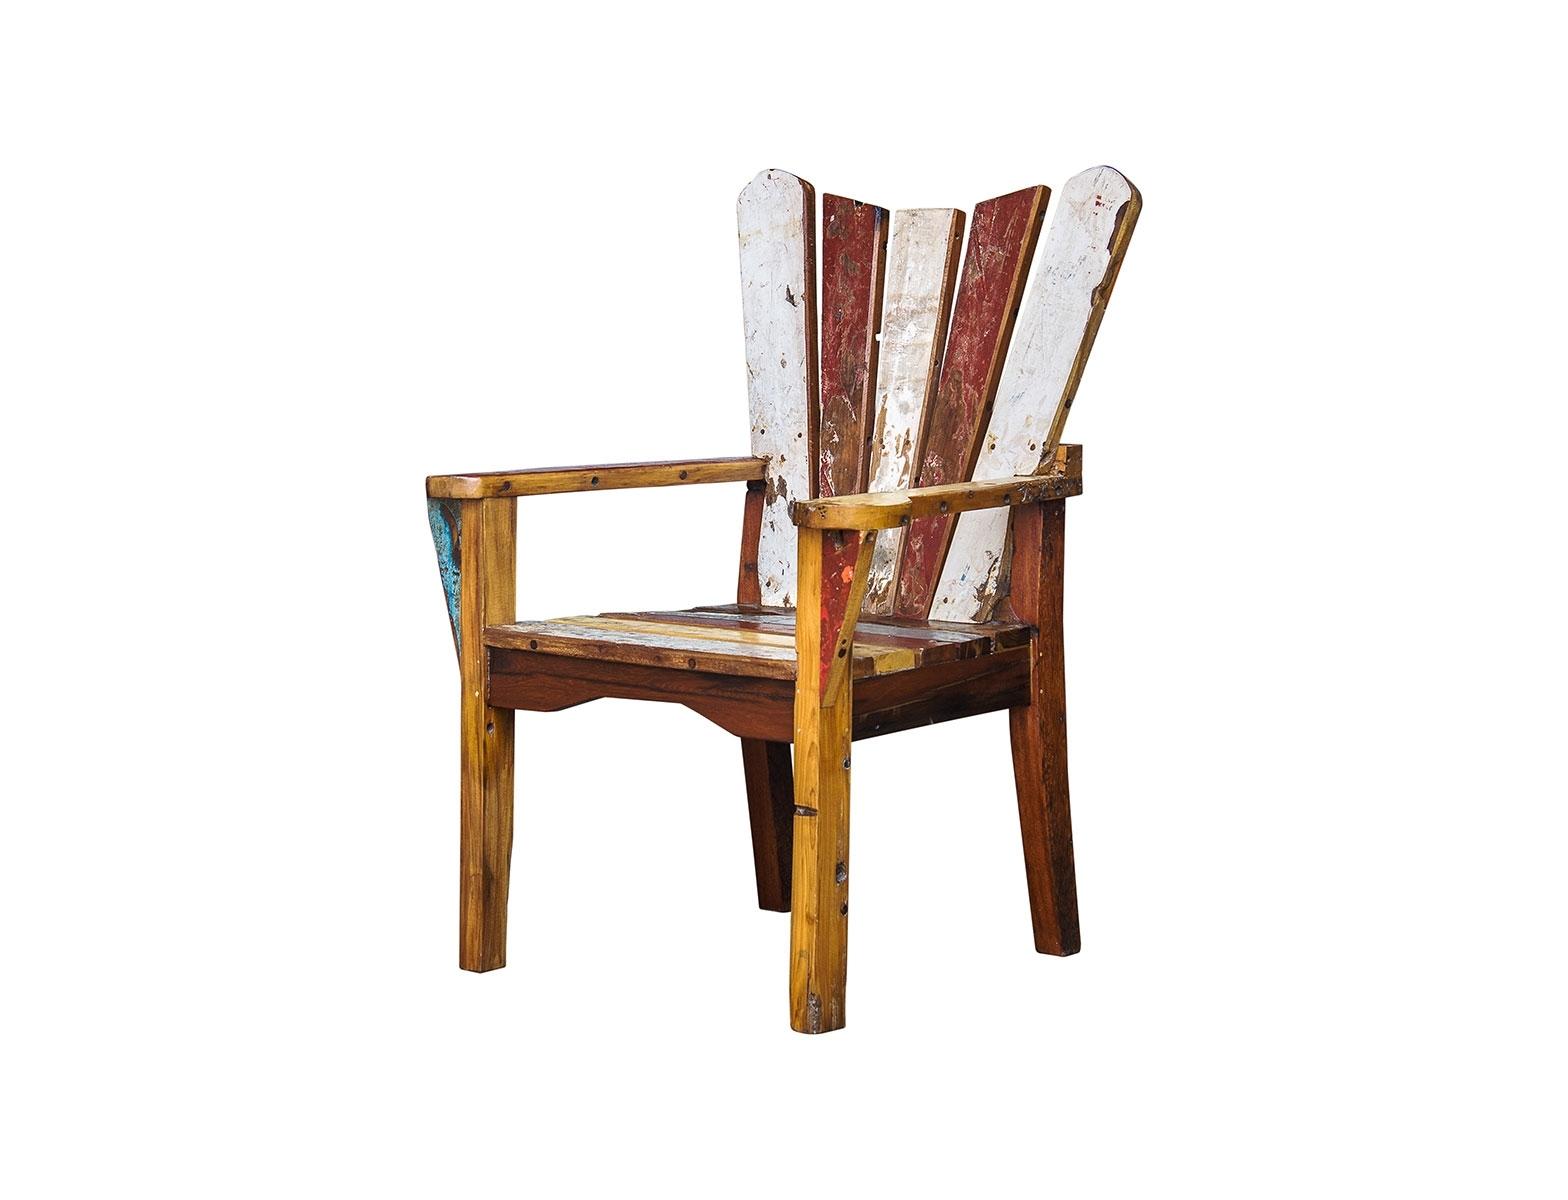 Кресло ЧеховКресла для сада<br>Кресло, выполненное из массива древесины старого рыбацкого судна, такой как: тик, махагон, суар, с сохранением оригинальной многослойной окраски.<br><br>С 2 подлокотниками, подходит для работы и отдыха.<br>Подходит для использования как внутри помещения, так и снаружи.<br>Сборка не требуется.<br><br>Material: Тик<br>Ширина см: 75.0<br>Высота см: 110.0<br>Глубина см: 65.0